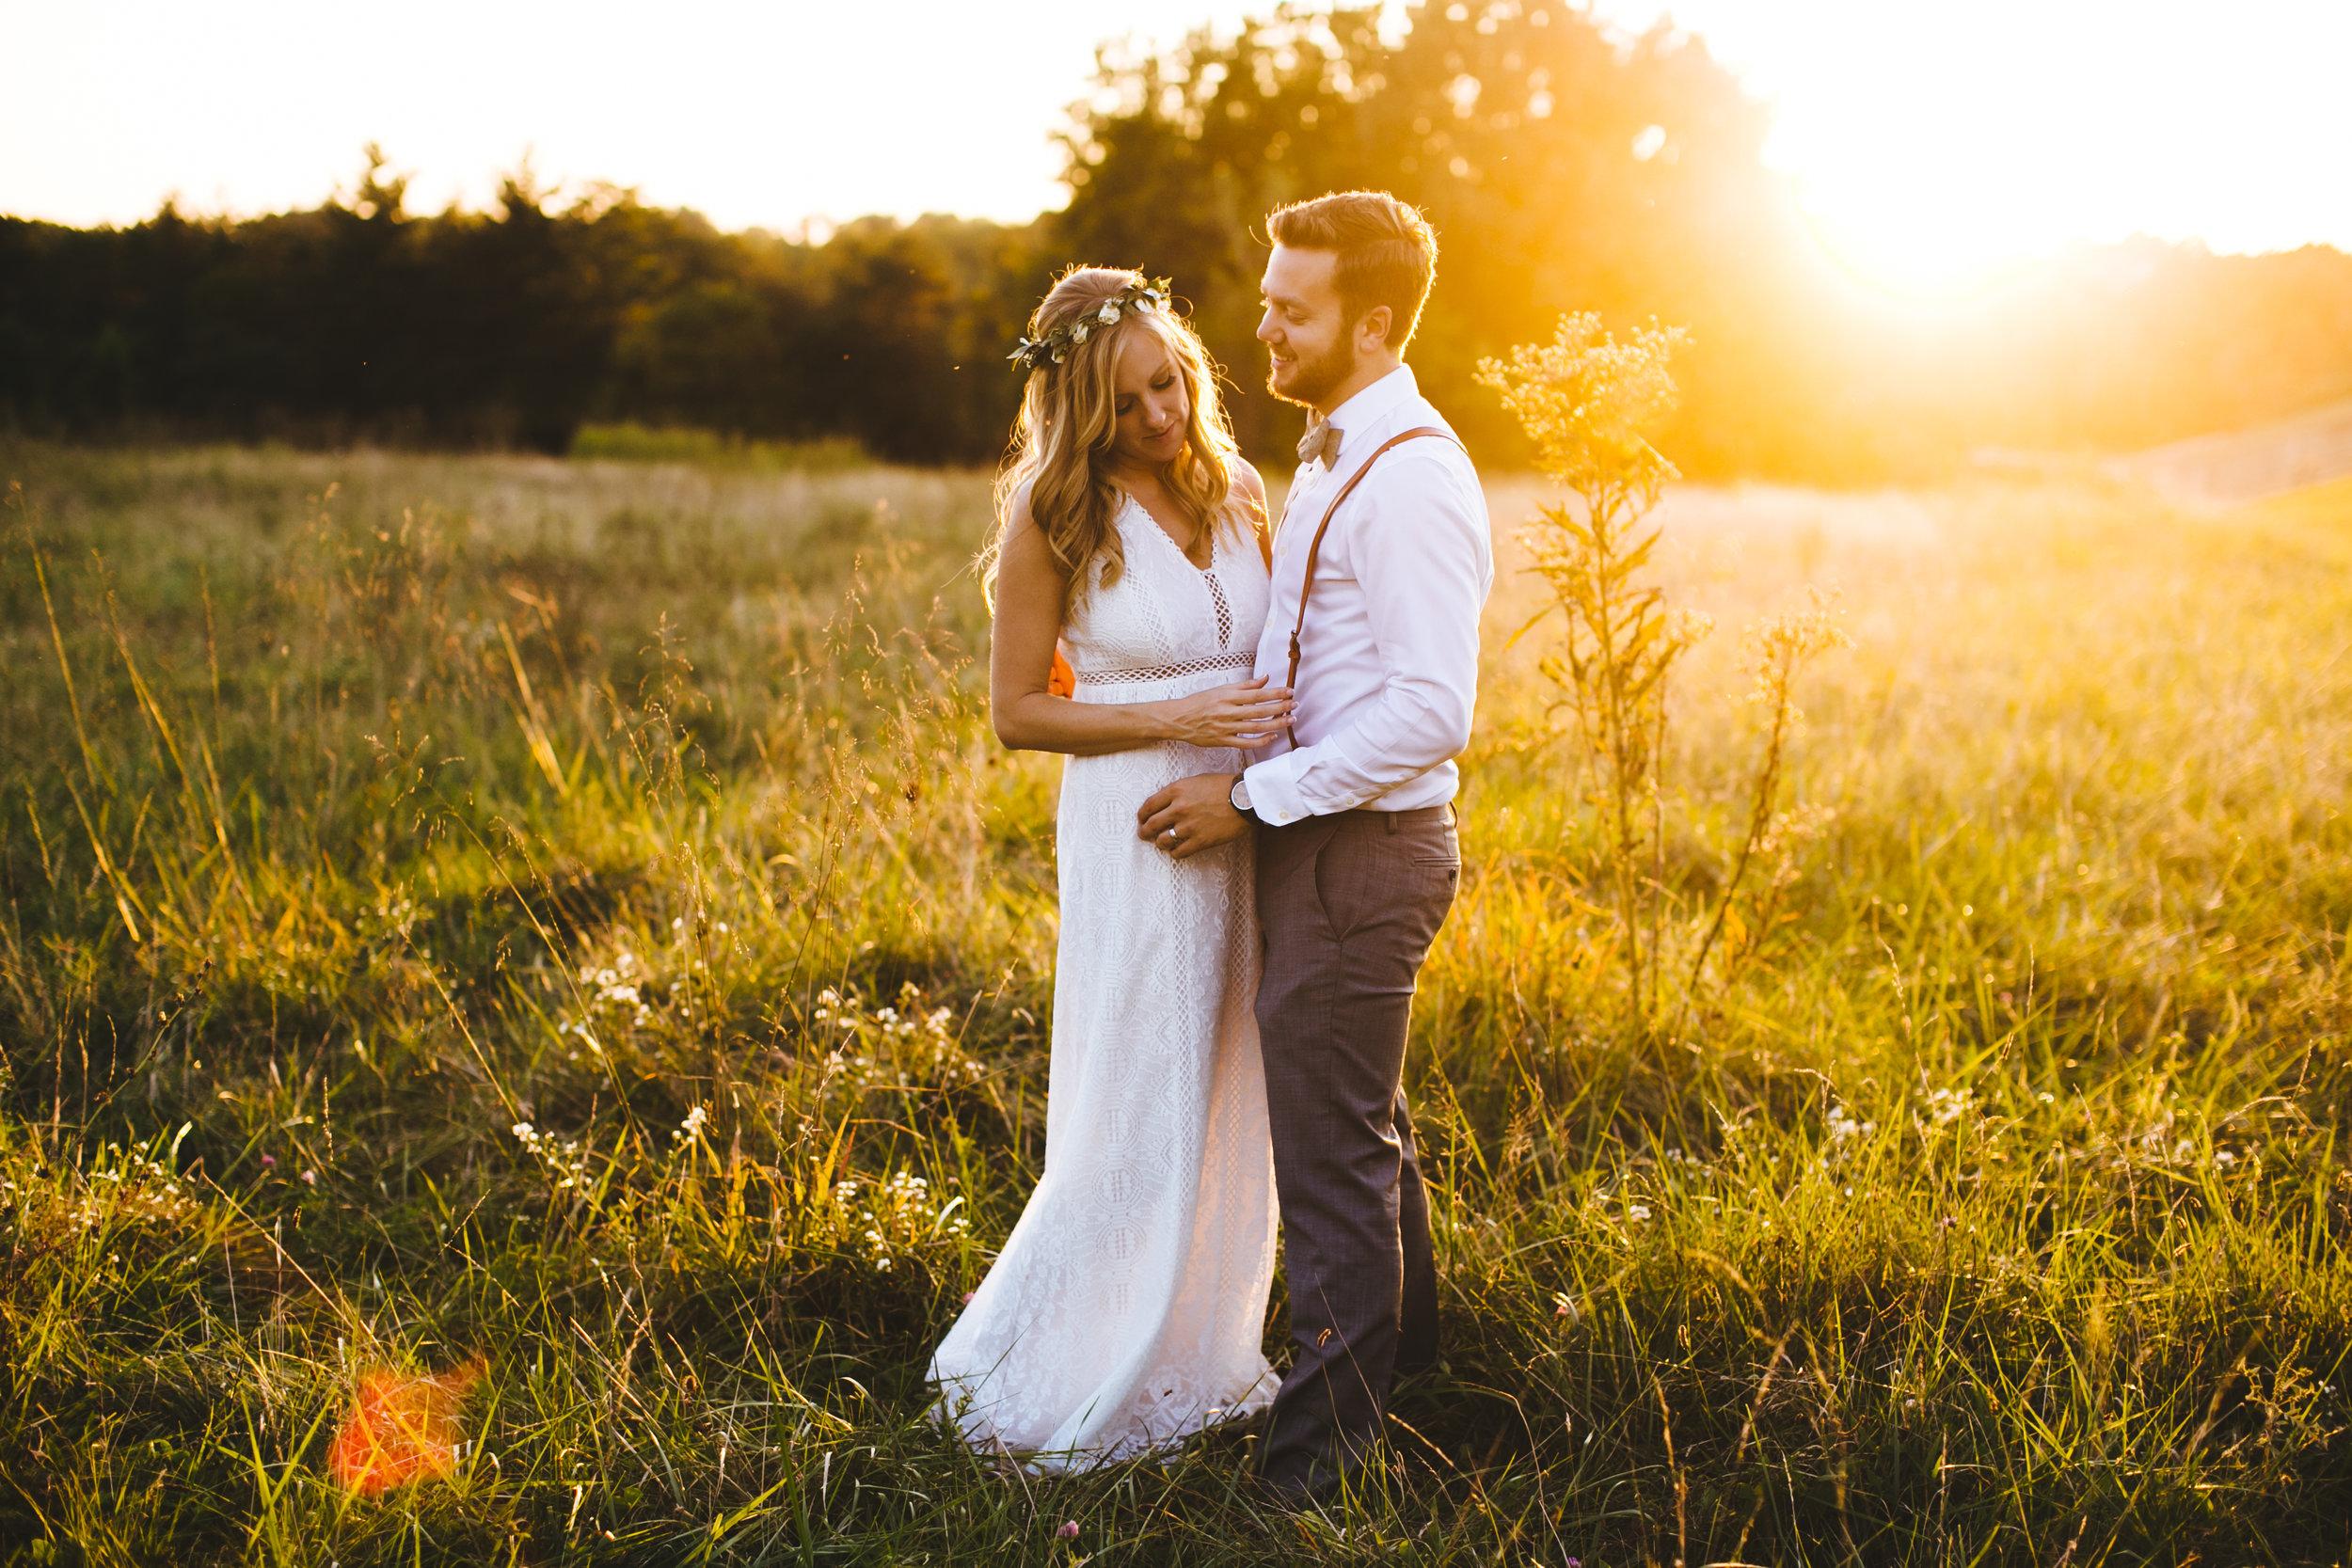 wedding__0770.jpg